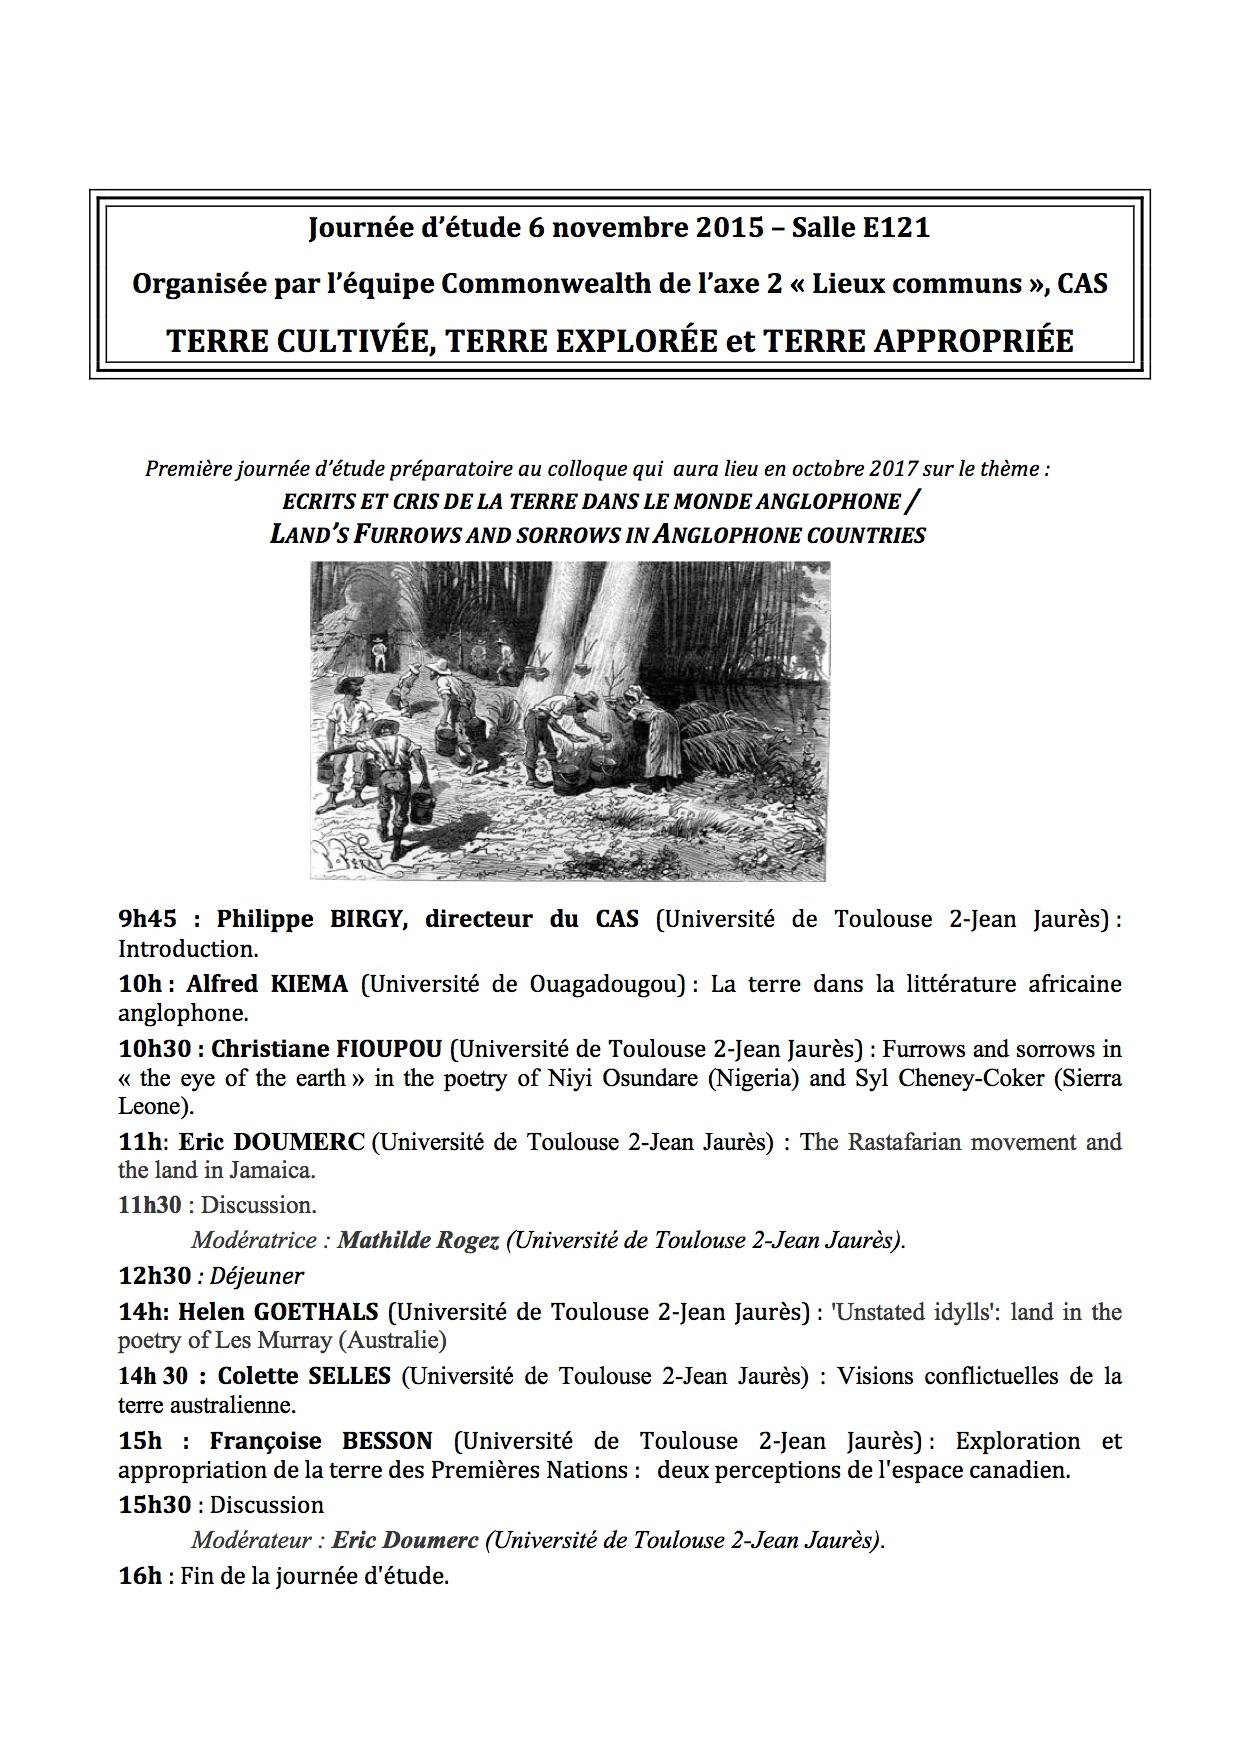 Axe 2 Programme -JE Terre Cultivee 6 novembre 2015.jpg